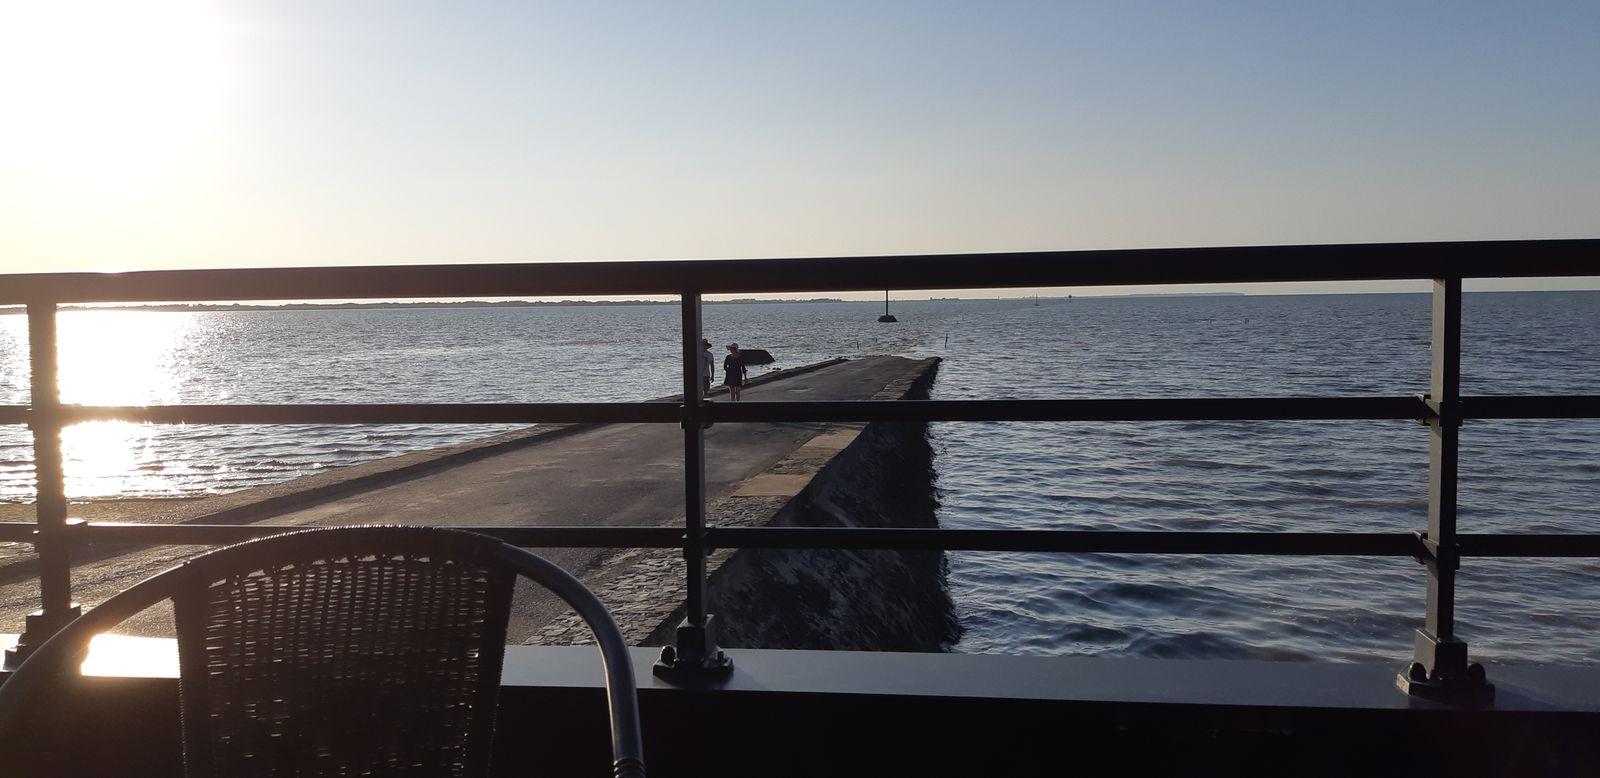 Majestueux Passage du Gois à 15 kms avec prêt du matériel de pêche aux palourdes